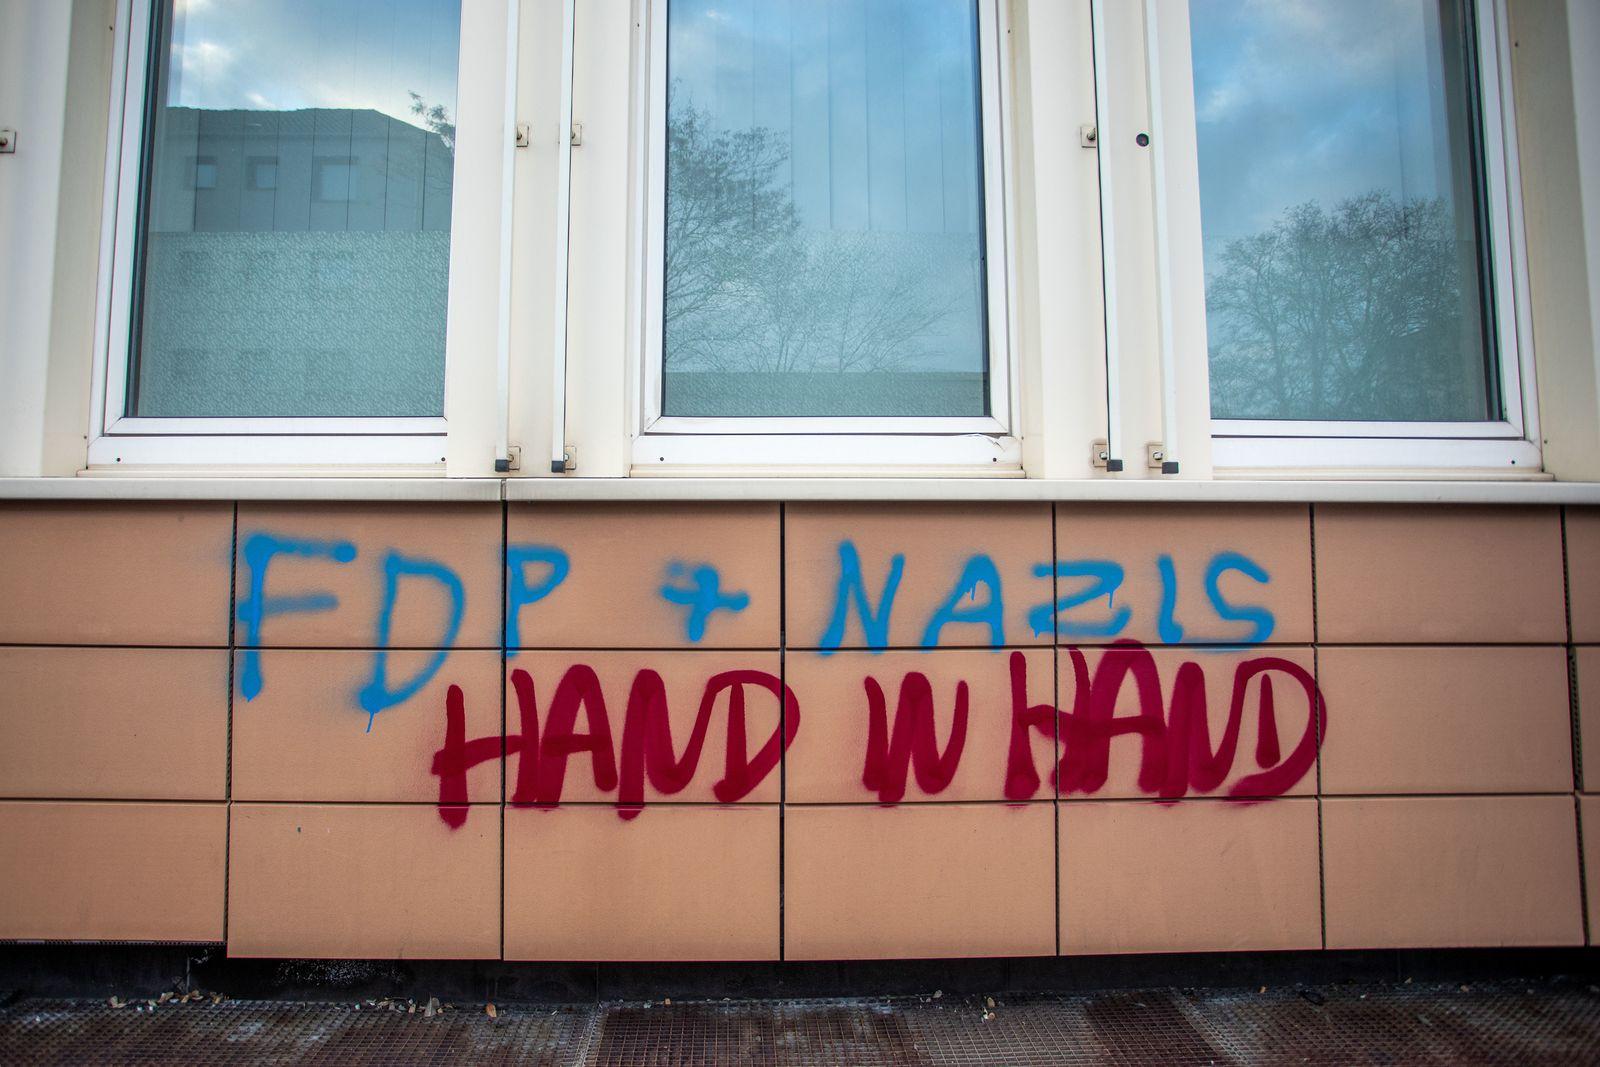 FDP-Büros mit Parolen beschmiert